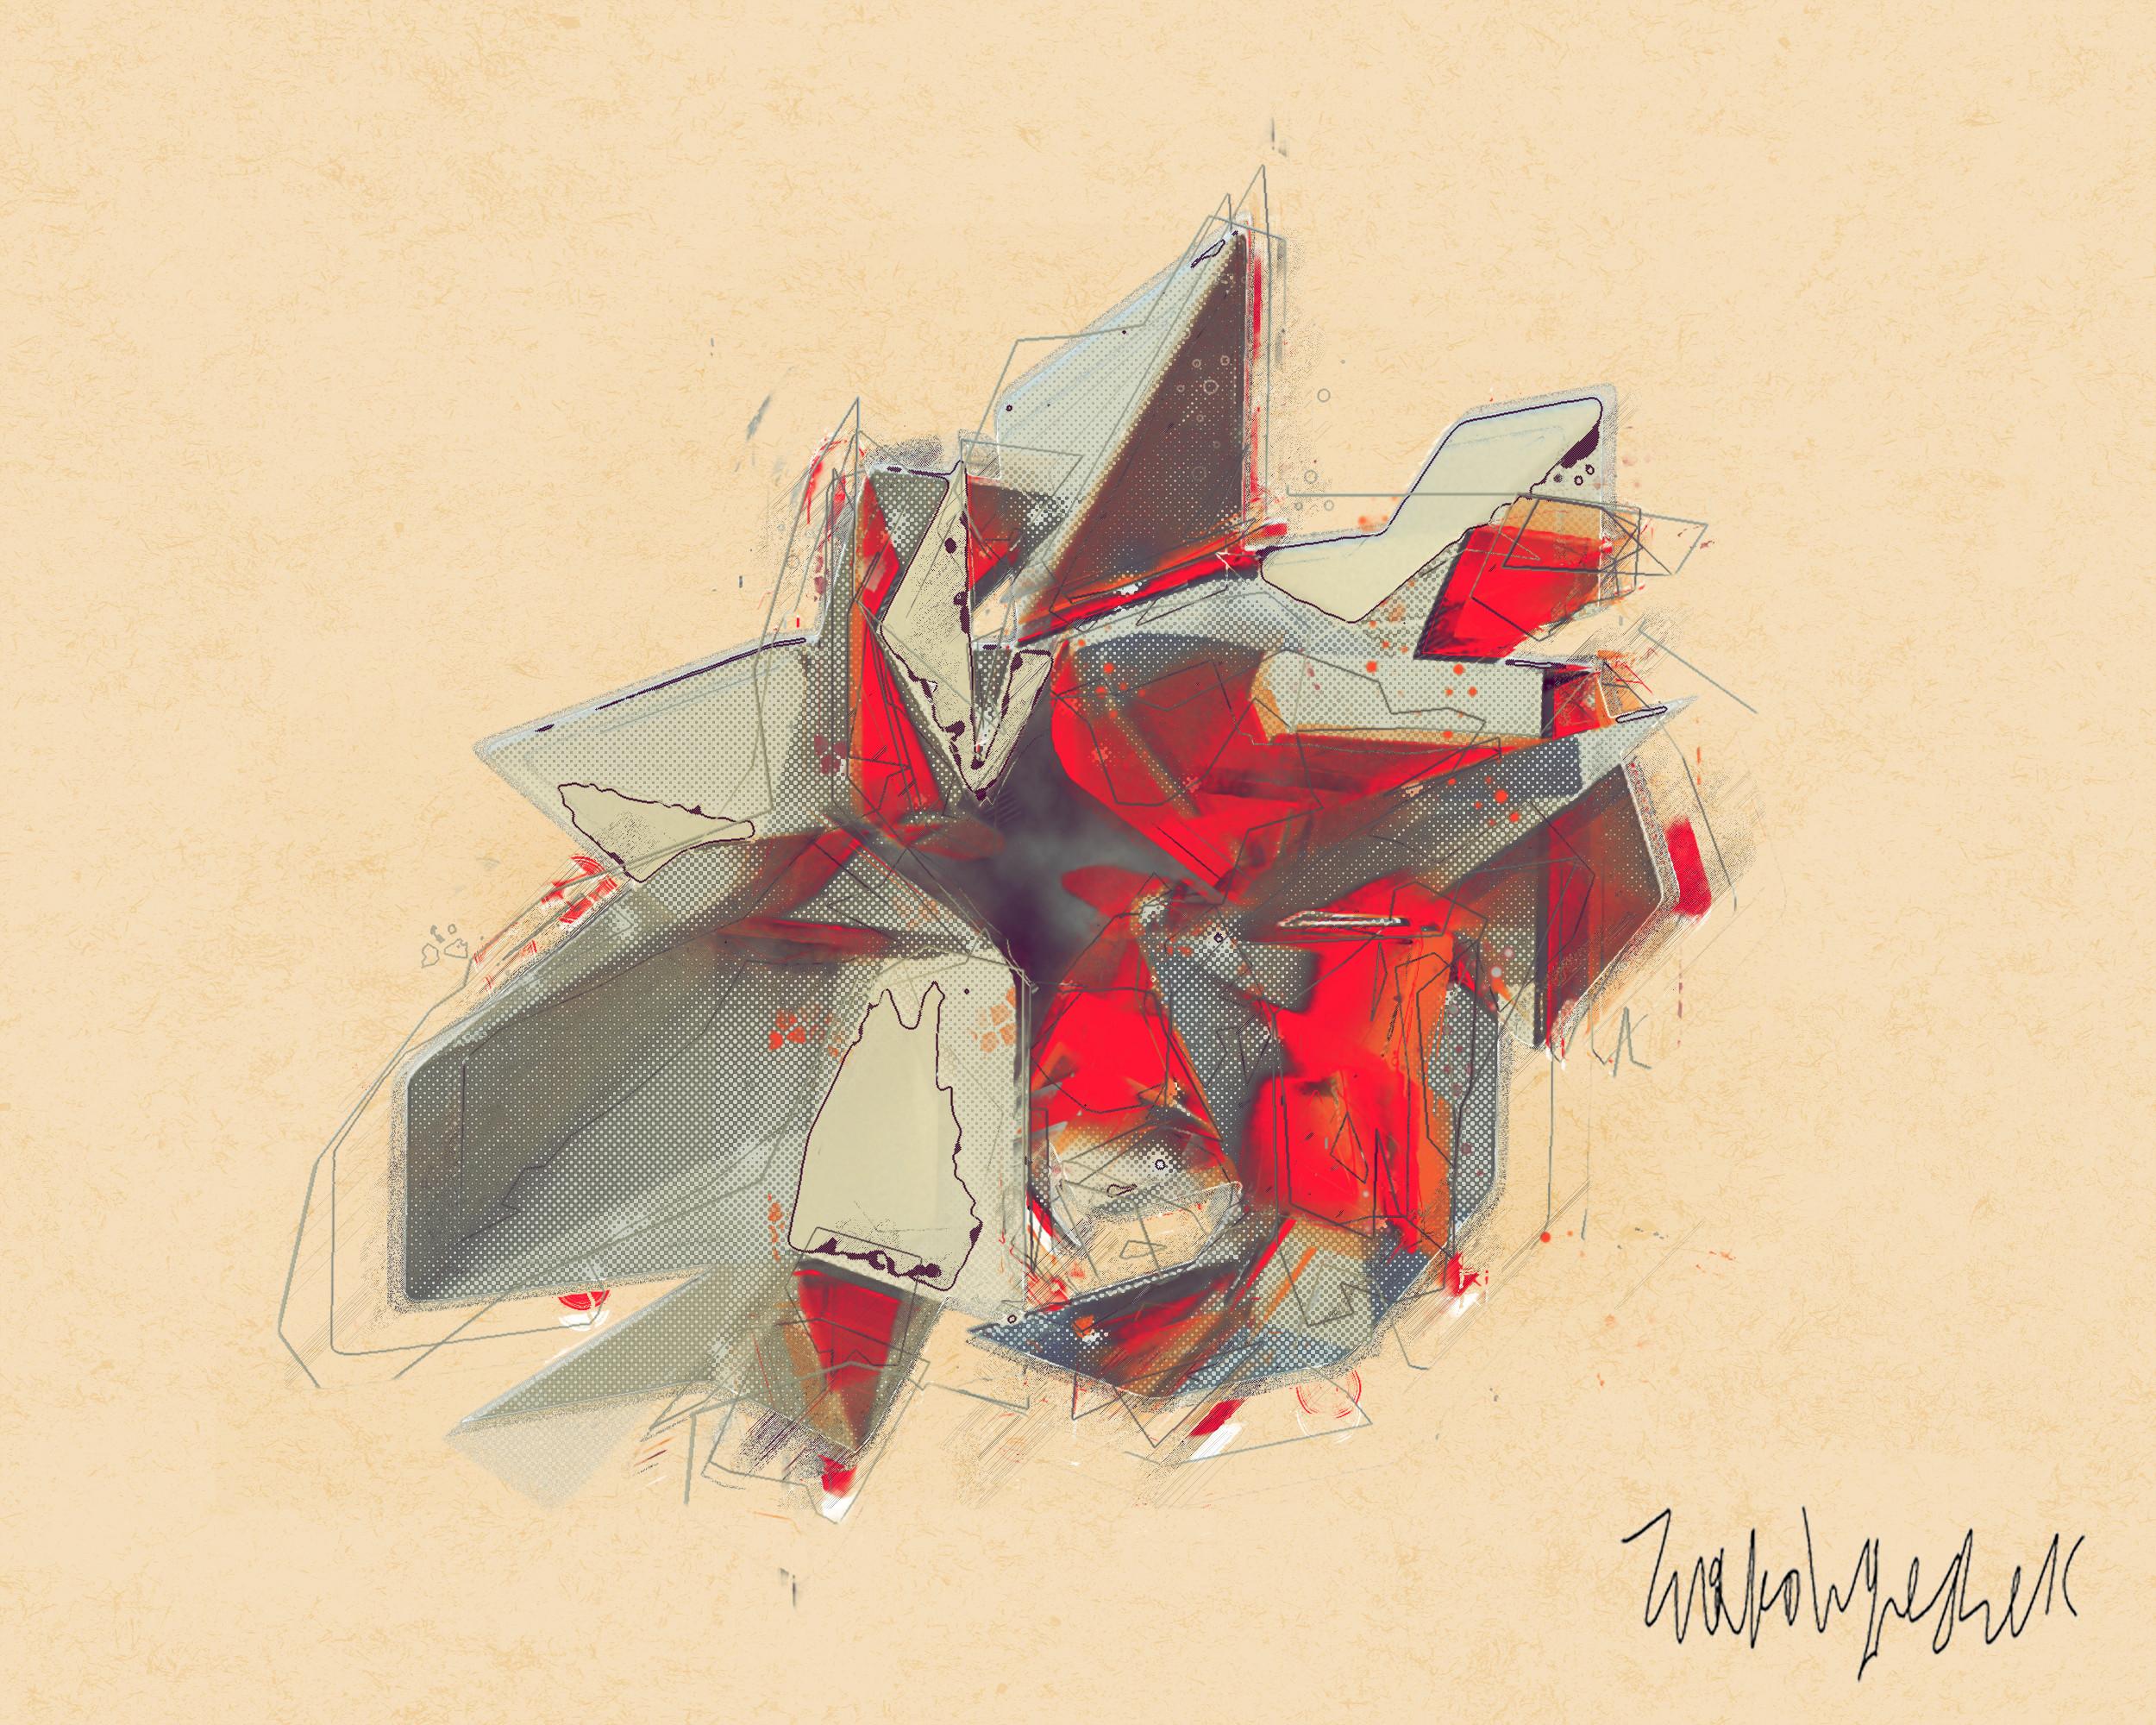 Artwork #1